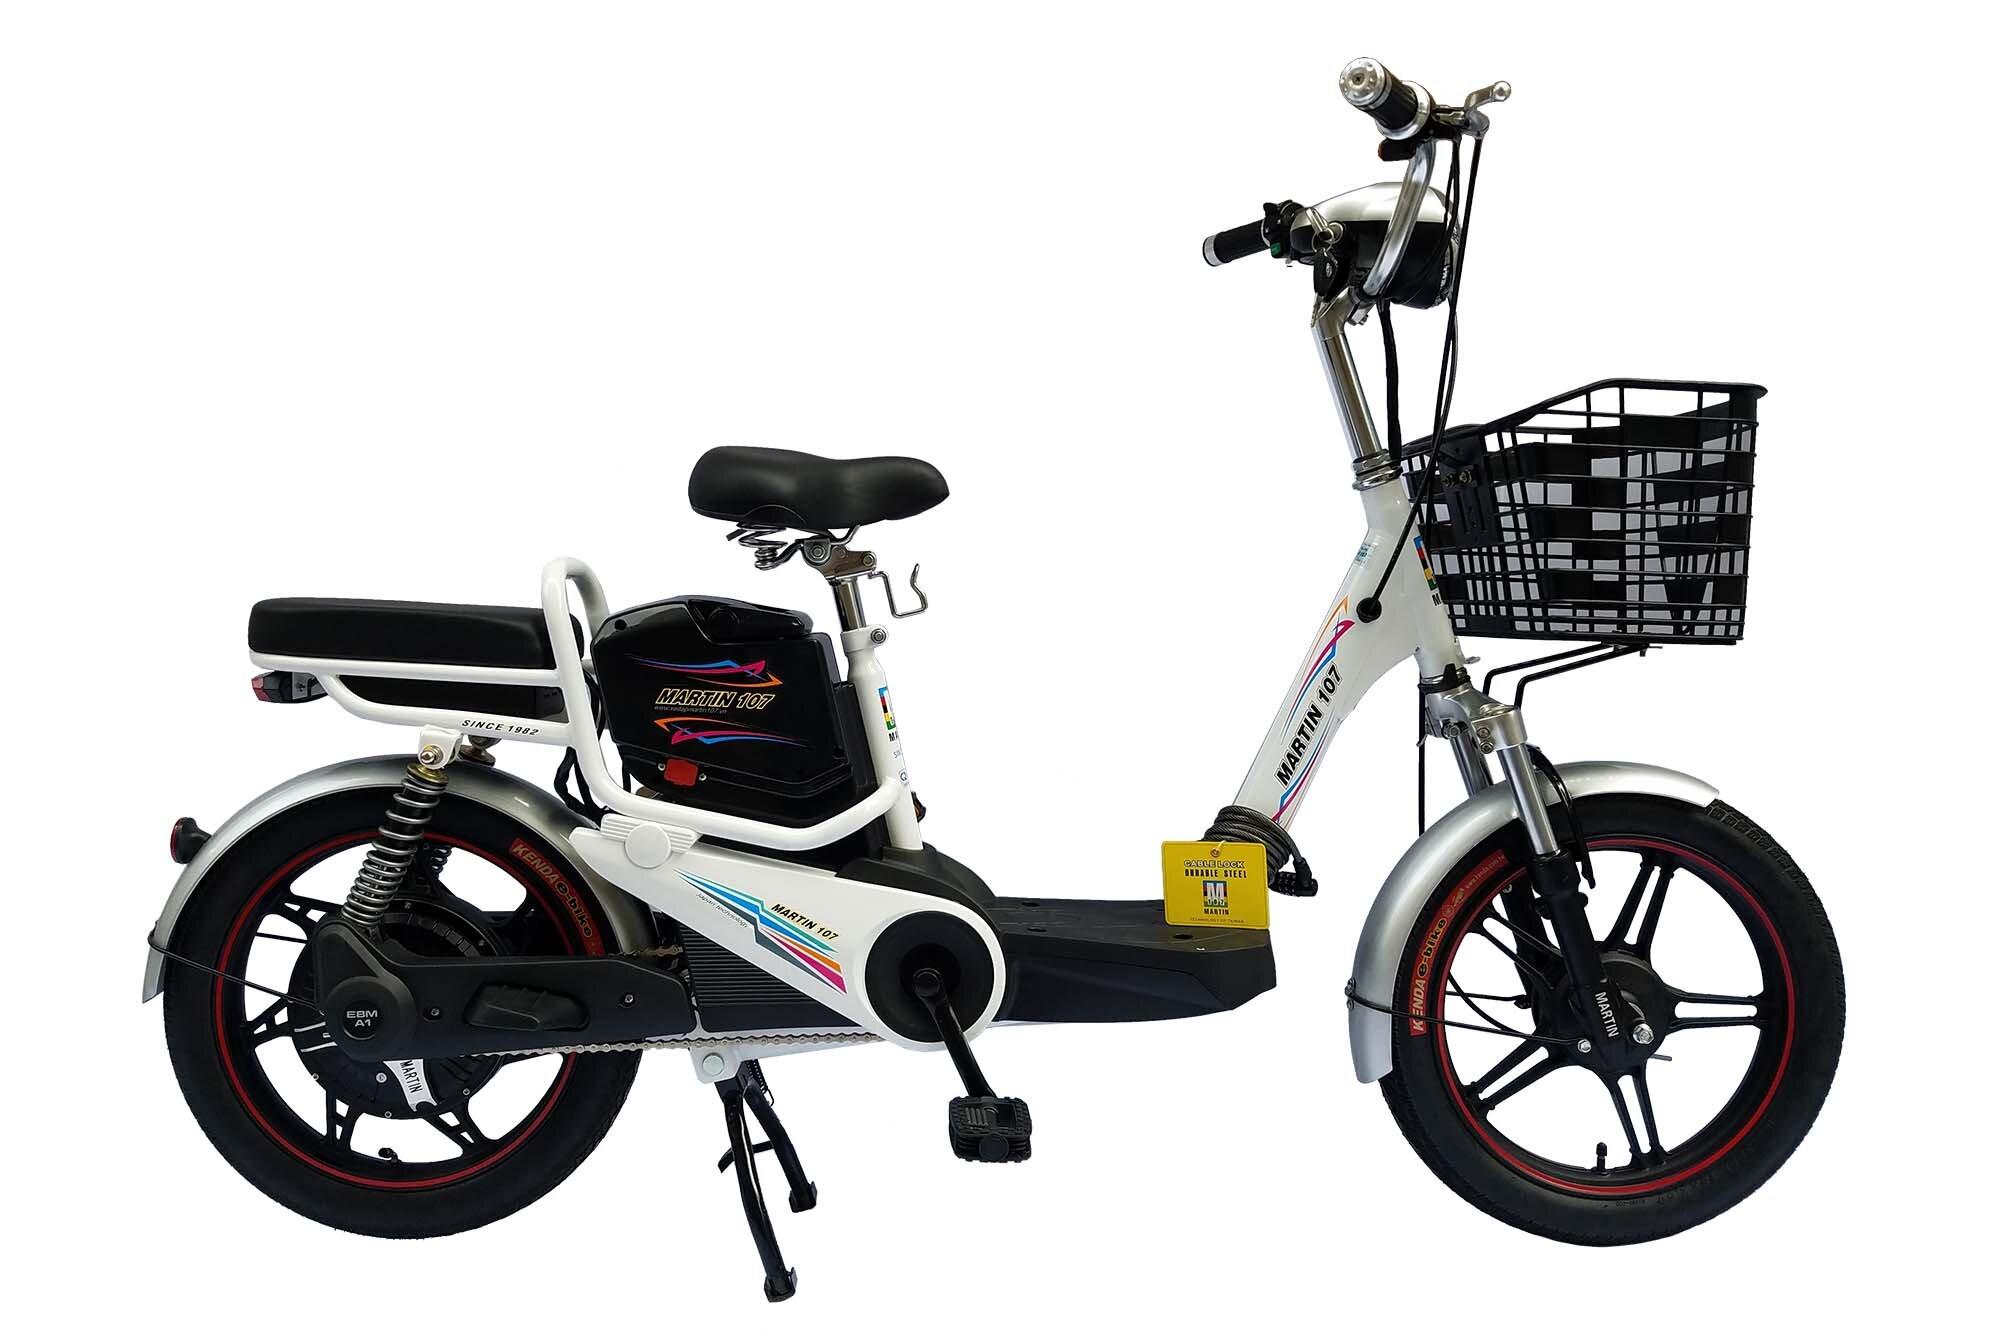 Xe đạp điện Martin EBM A1 dễ sử dụng